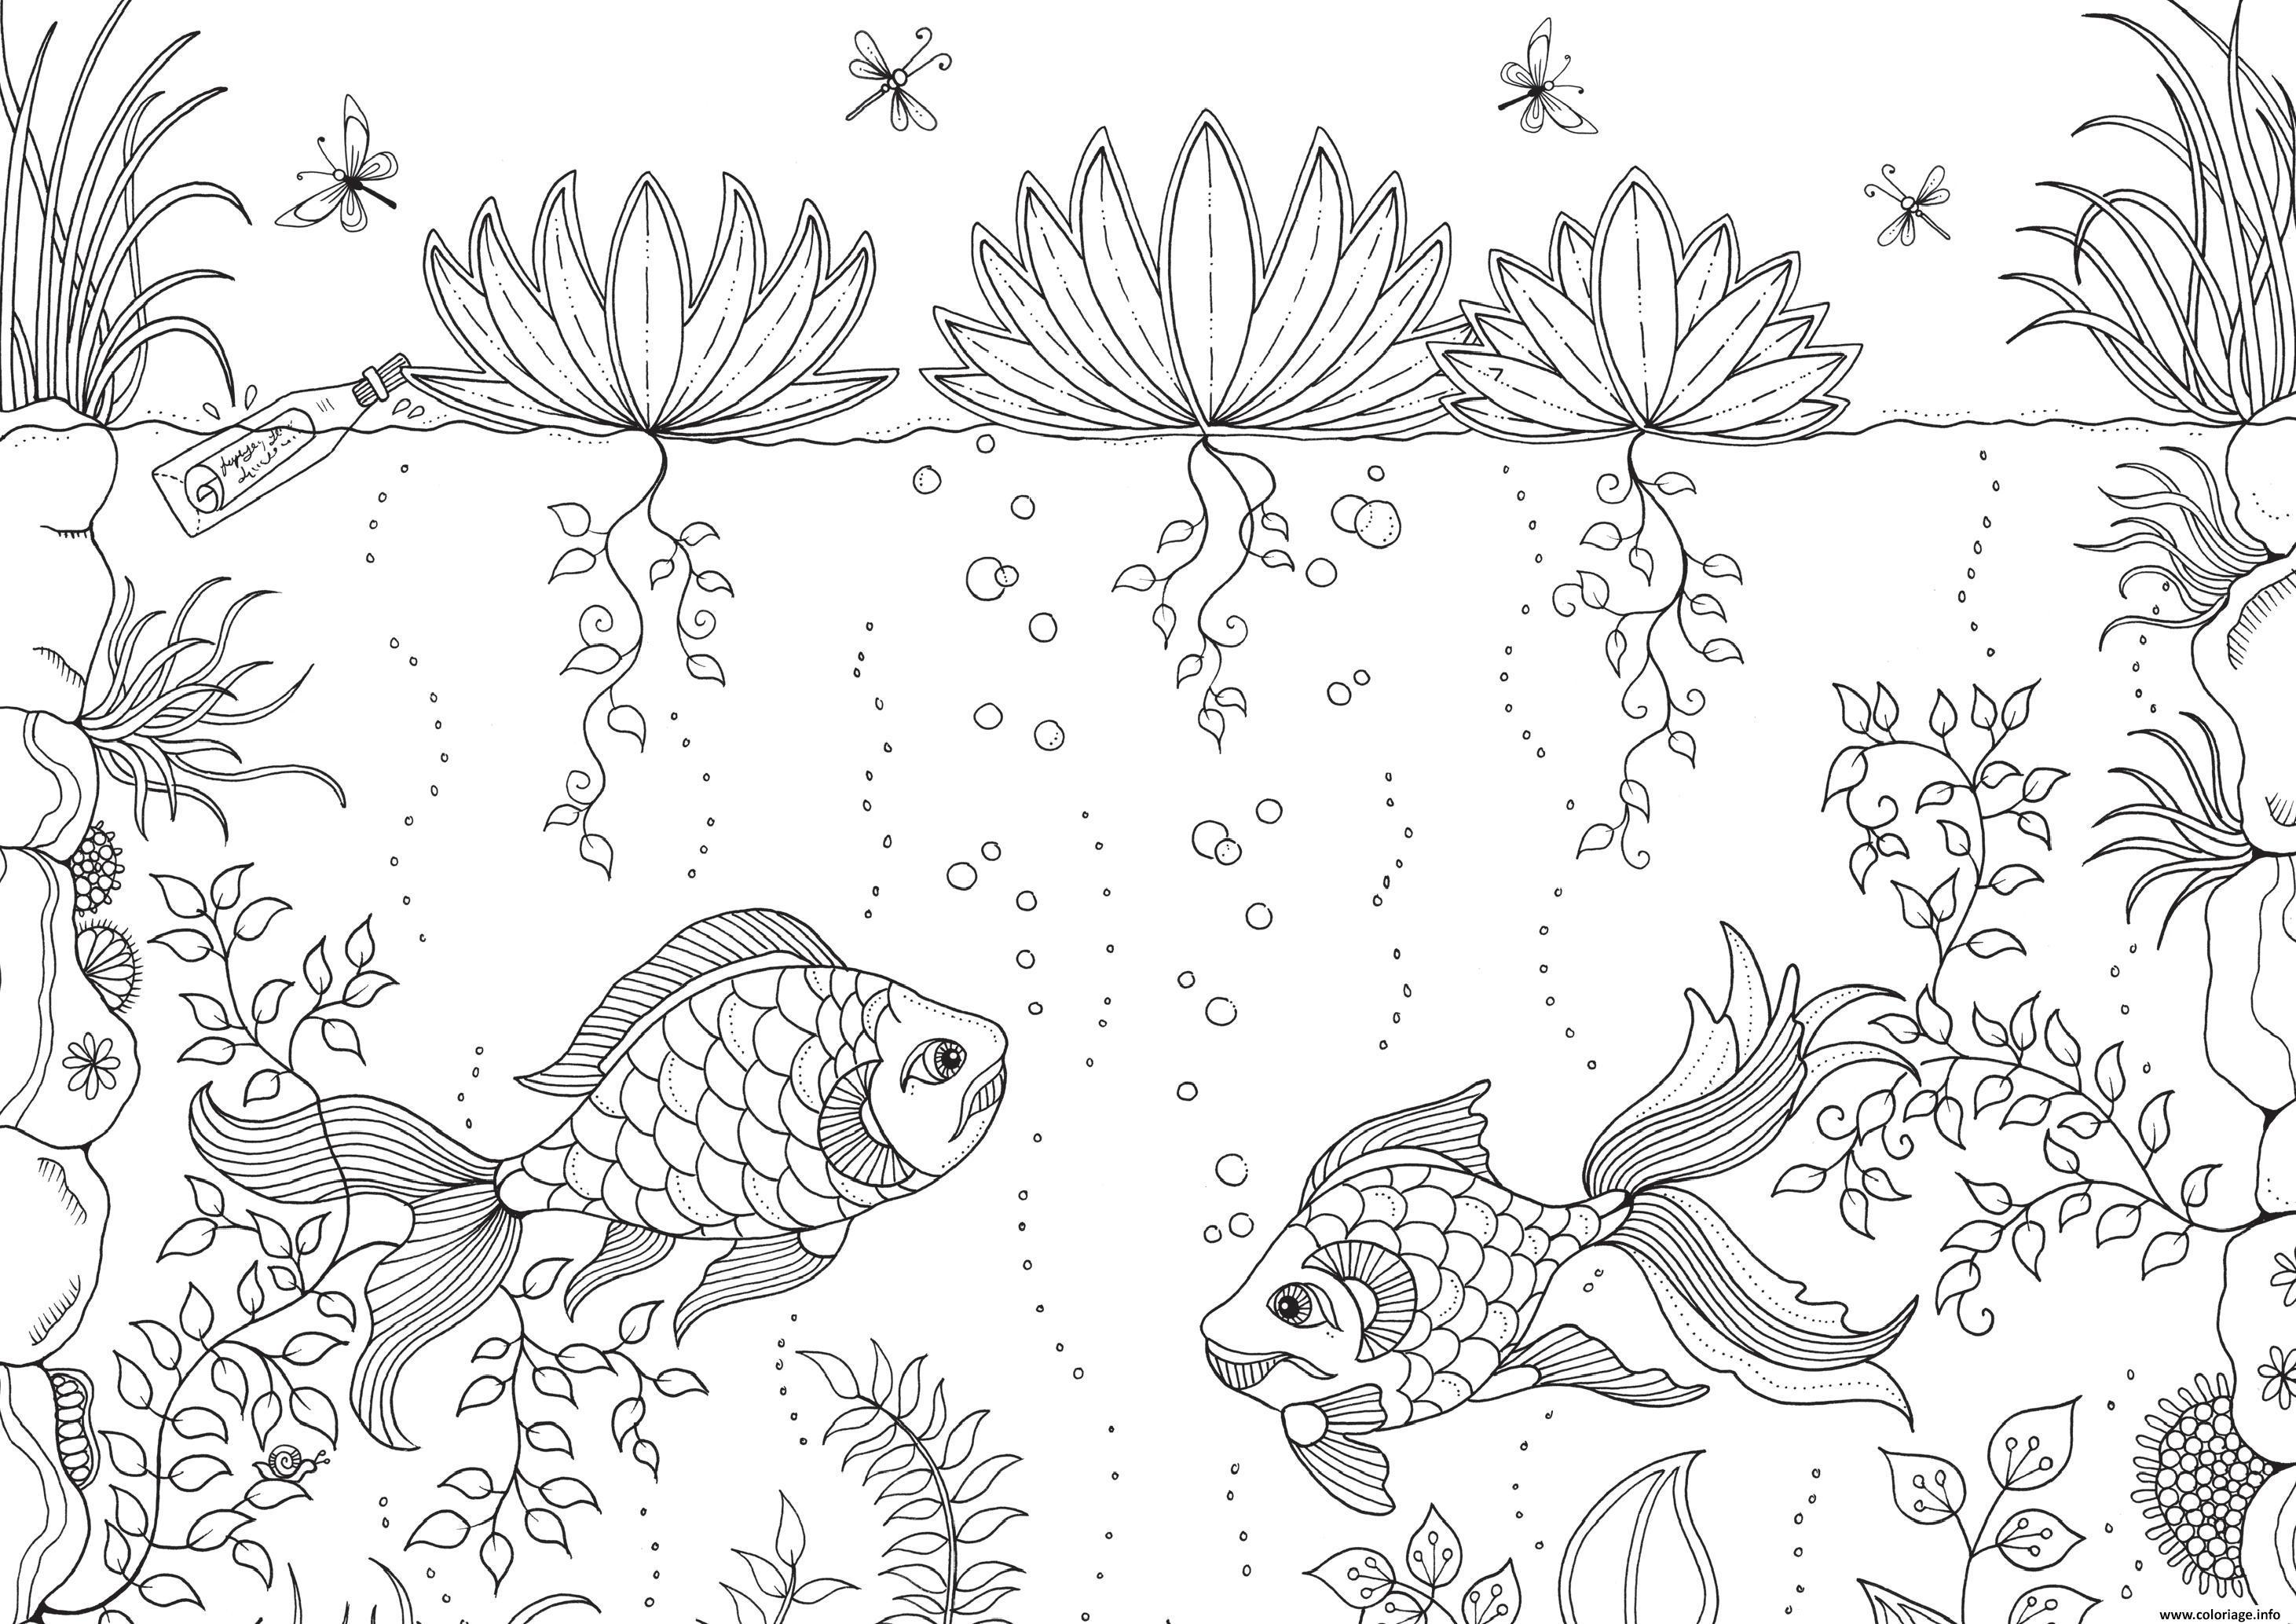 Coloriage Adulte Zen A Imprimer Gratuit.Coloriage Ocean Poissons Adulte Zen Anti Stress Dessin